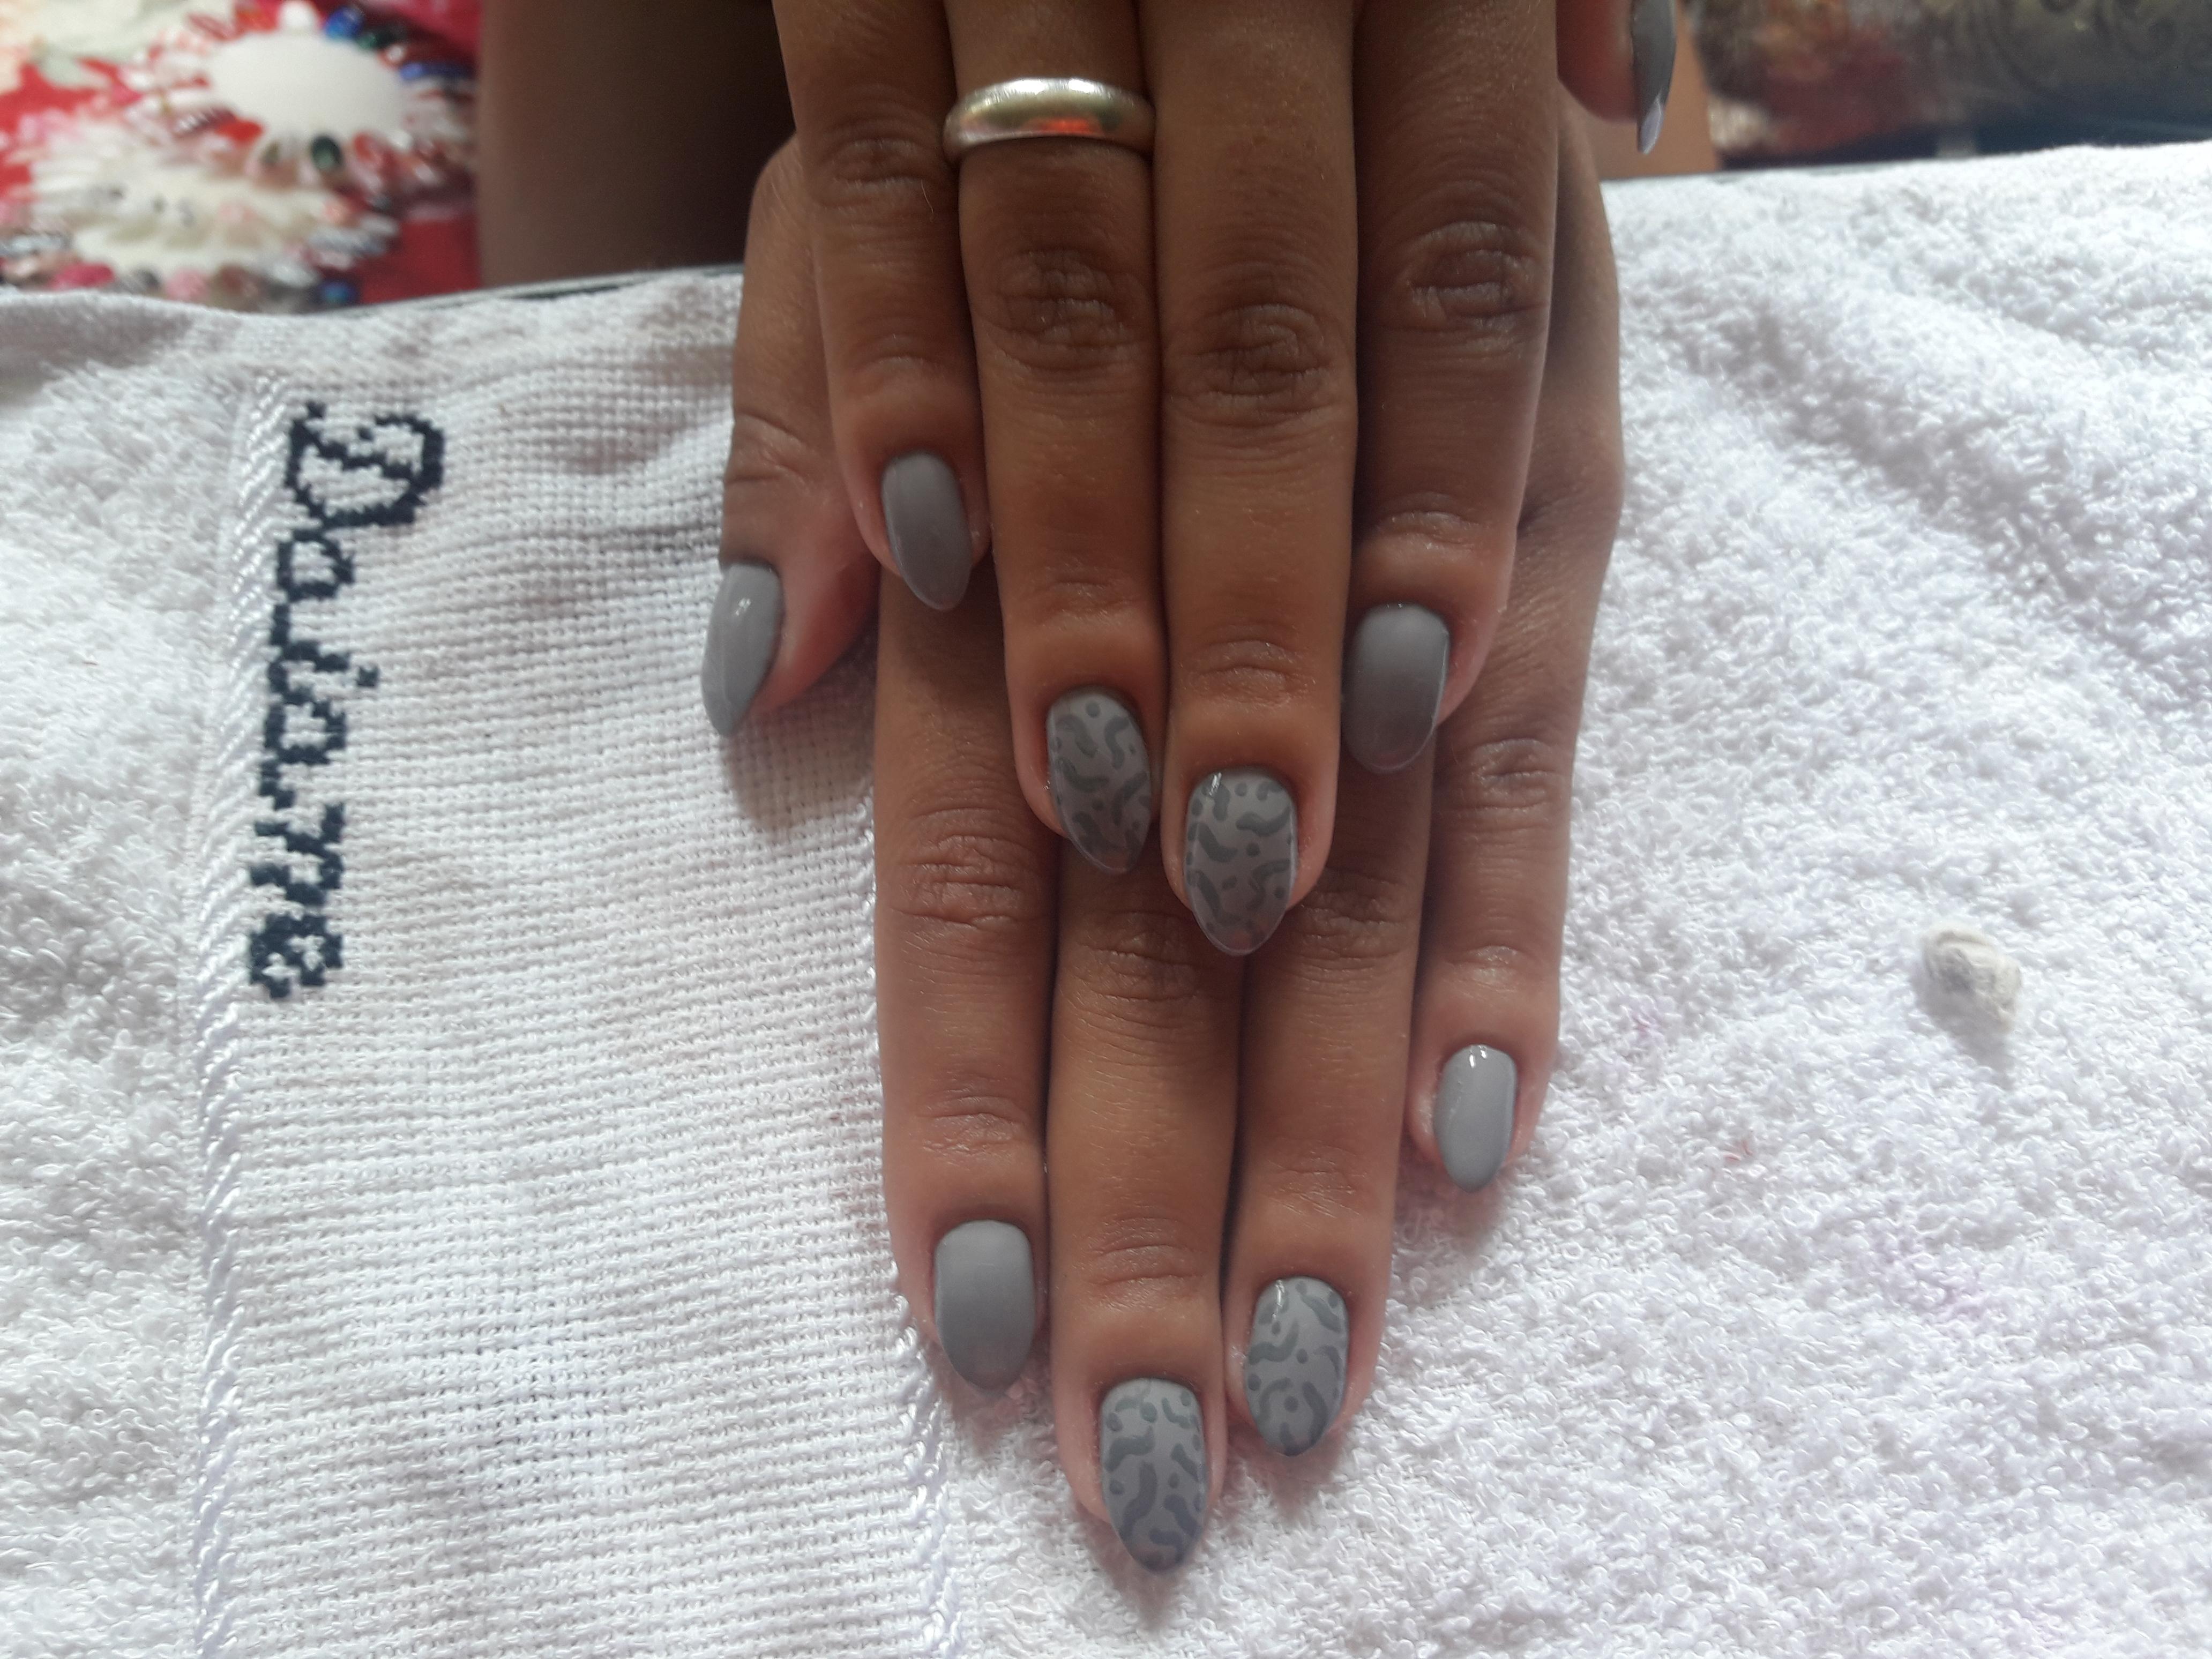 Unha Estileto com esmalte cinza da risque...#Arrasou  unha manicure e pedicure